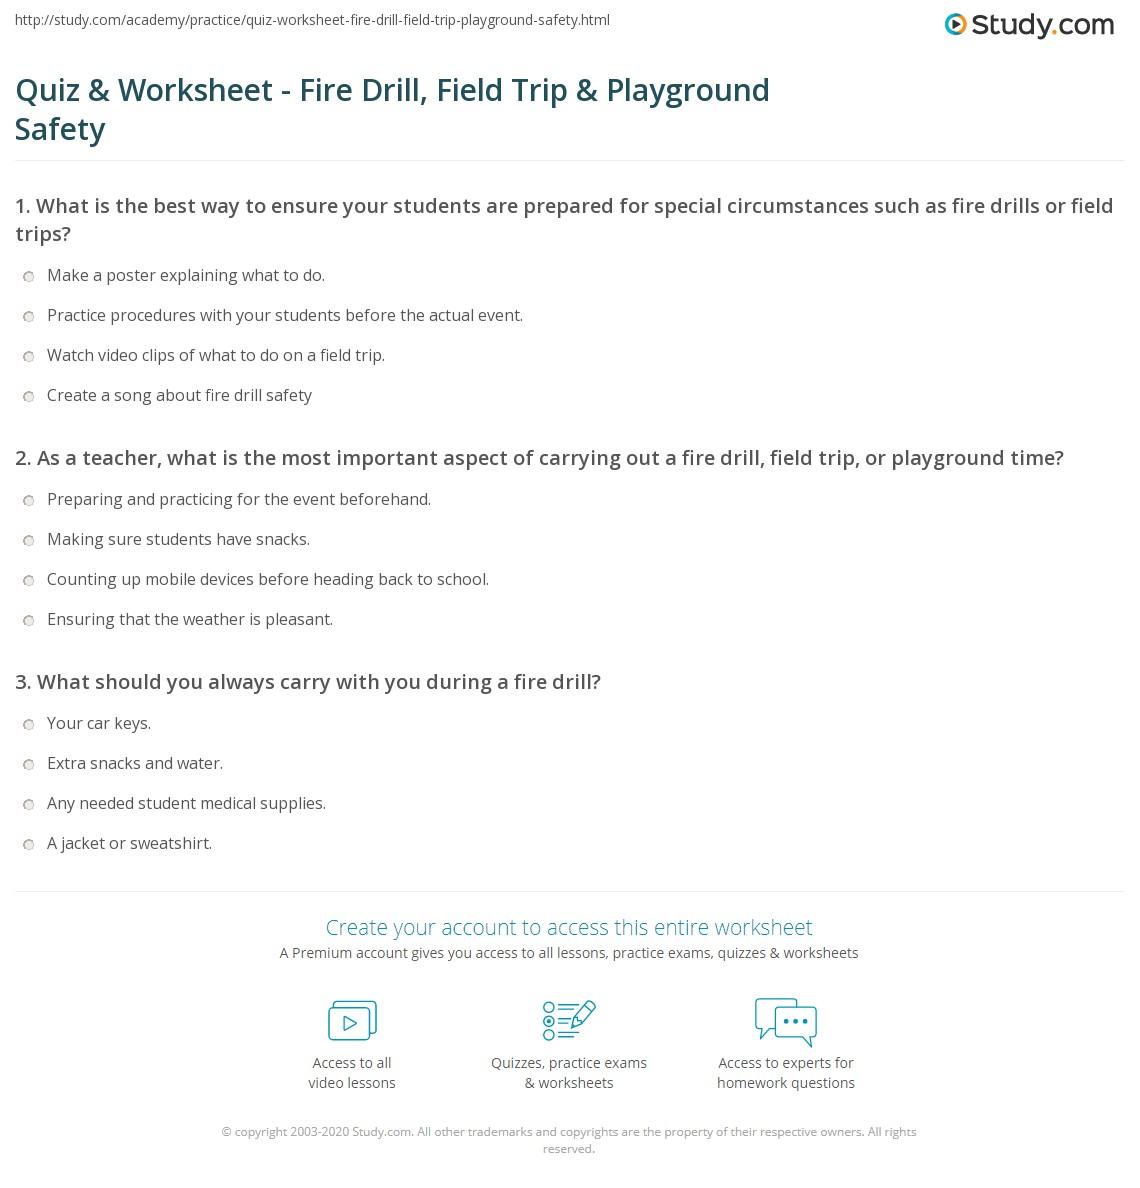 Quiz & Worksheet - Fire Drill, Field Trip & Playground